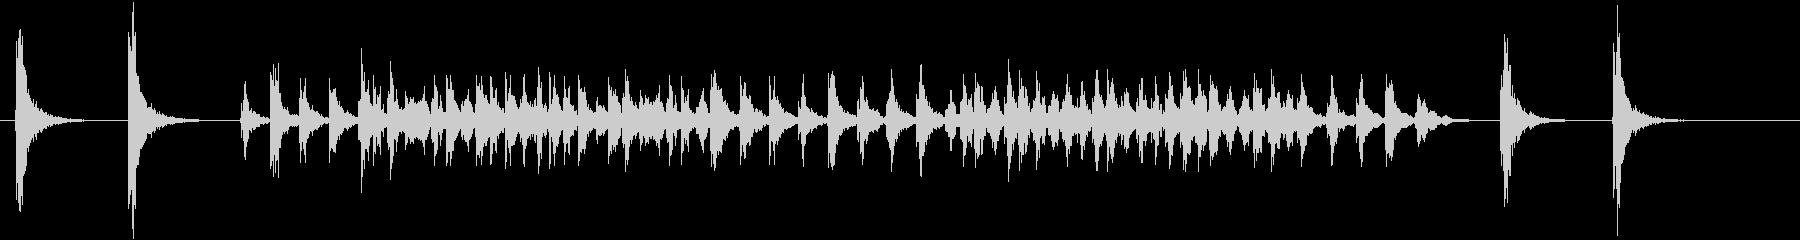 不思議な雰囲気、ストリングス 弦楽四重奏の未再生の波形